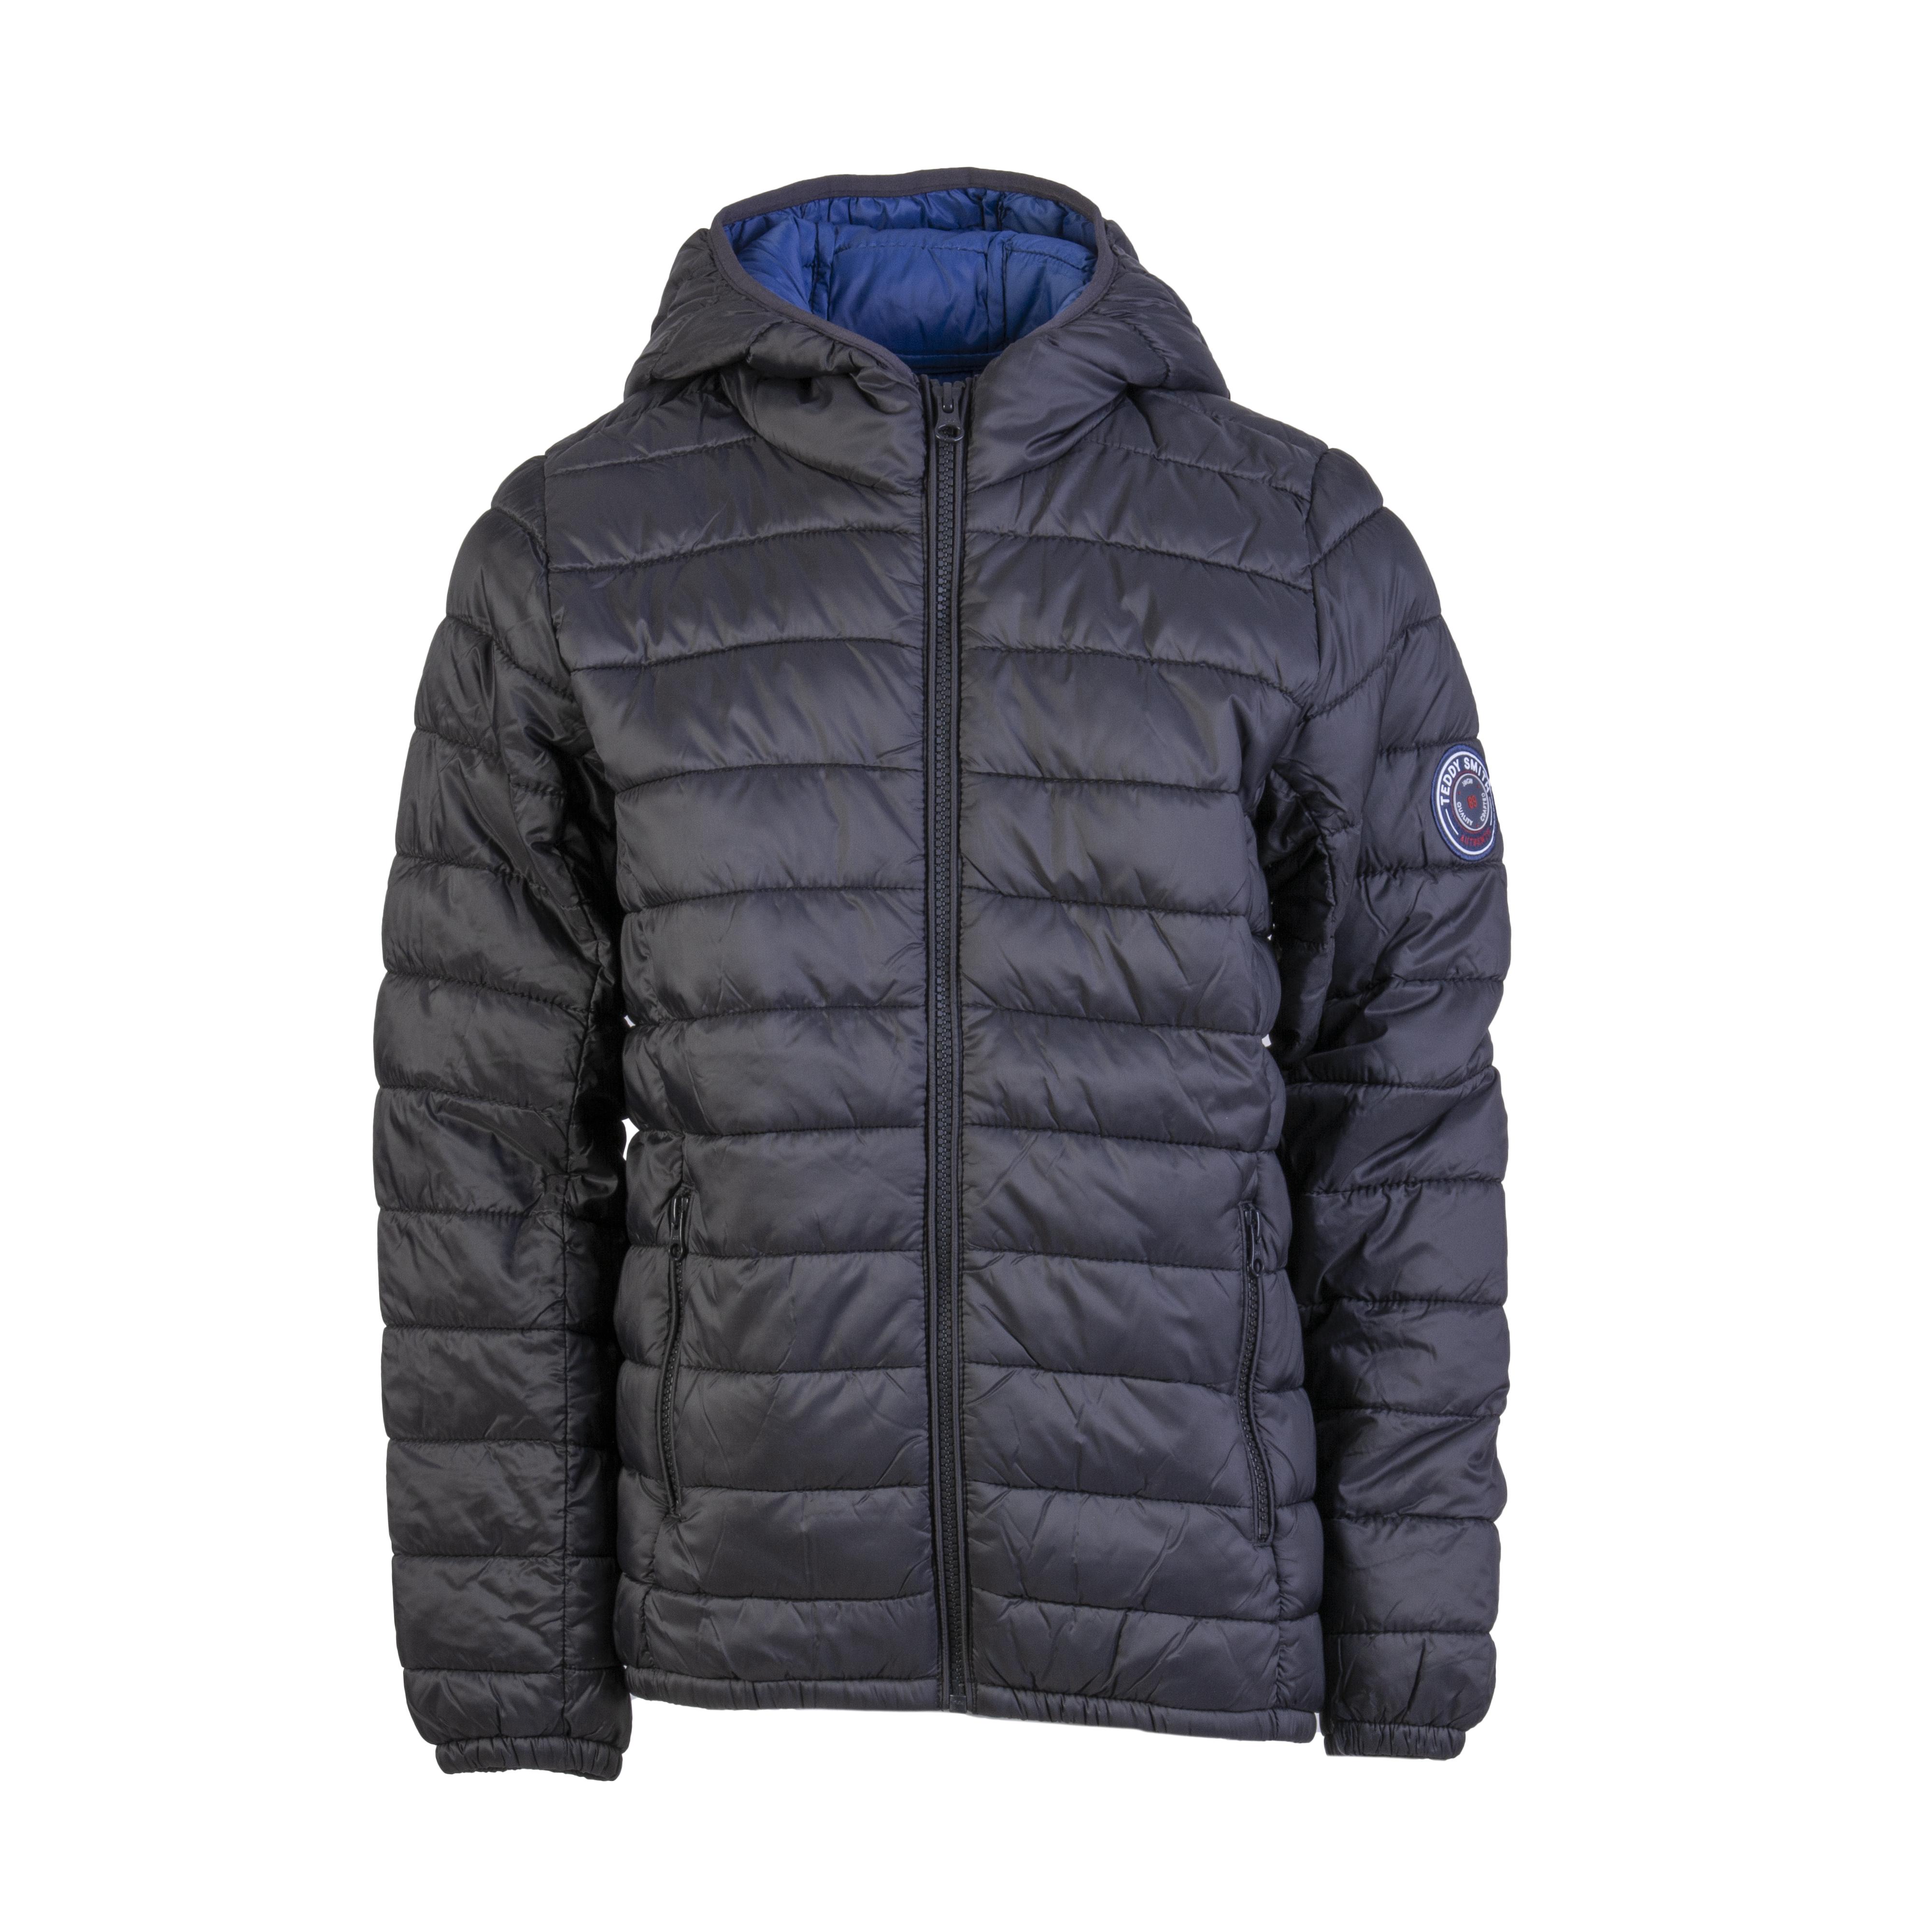 Doudoune légère à capuche teddy smith blighter noire doublée bleu pétrole